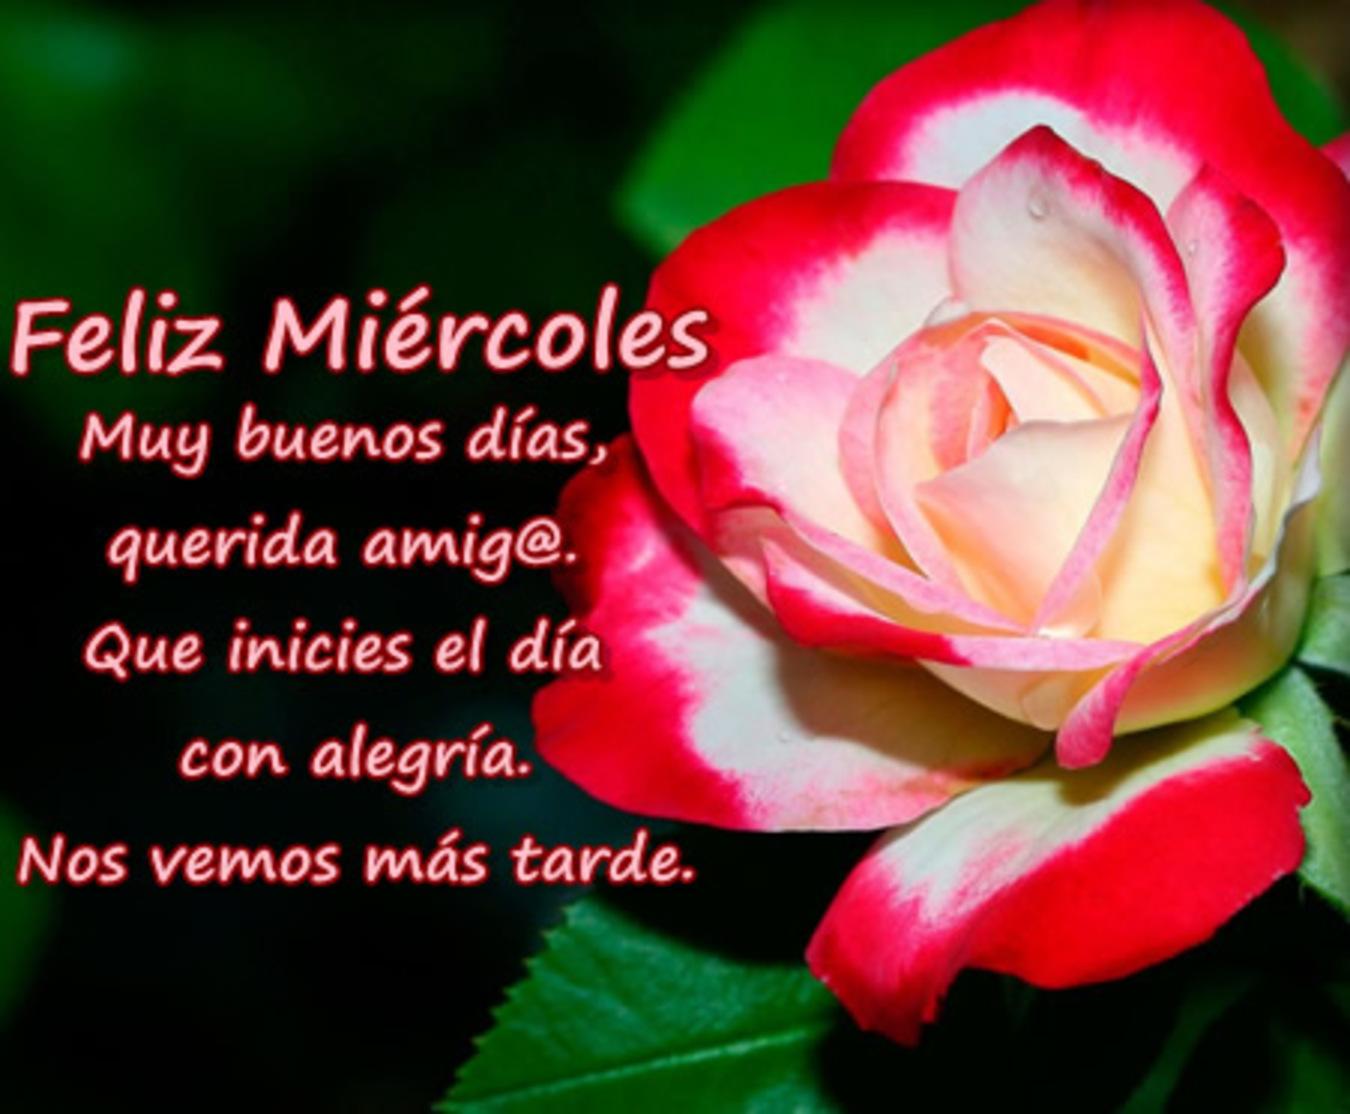 Feliz Miércoles con flores imágenes 77